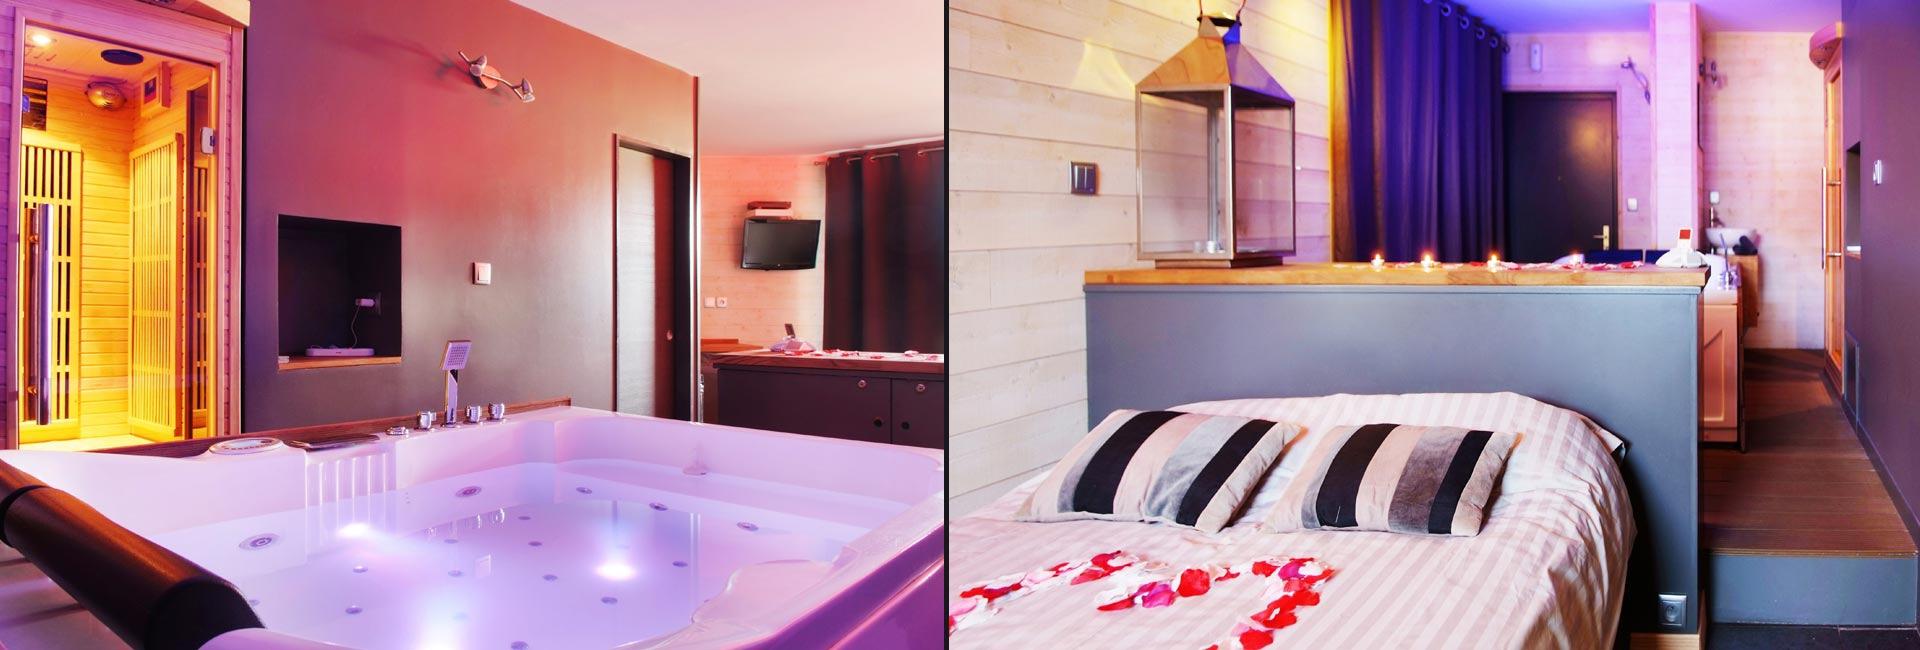 Chambre avec jacuzzi et sauna privatif le perceval spa romantique lyon 4 me nuit et spa - Location chambre avec spa privatif ...